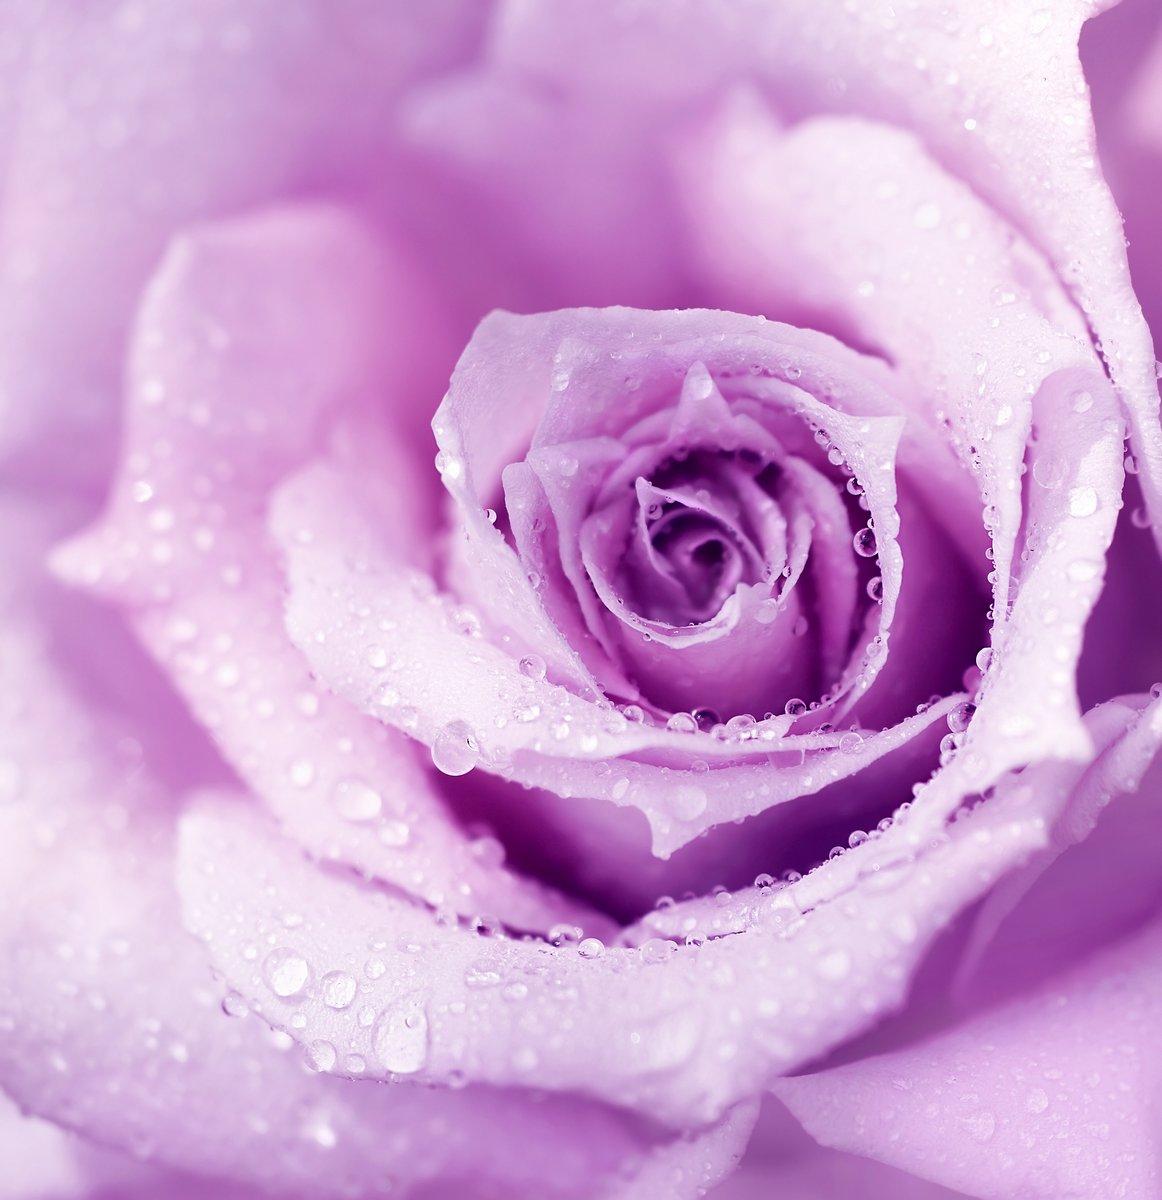 Постер Розы Фиолетовый мокрые розы фонРозы<br>Постер на холсте или бумаге. Любого нужного вам размера. В раме или без. Подвес в комплекте. Трехслойная надежная упаковка. Доставим в любую точку России. Вам осталось только повесить картину на стену!<br>